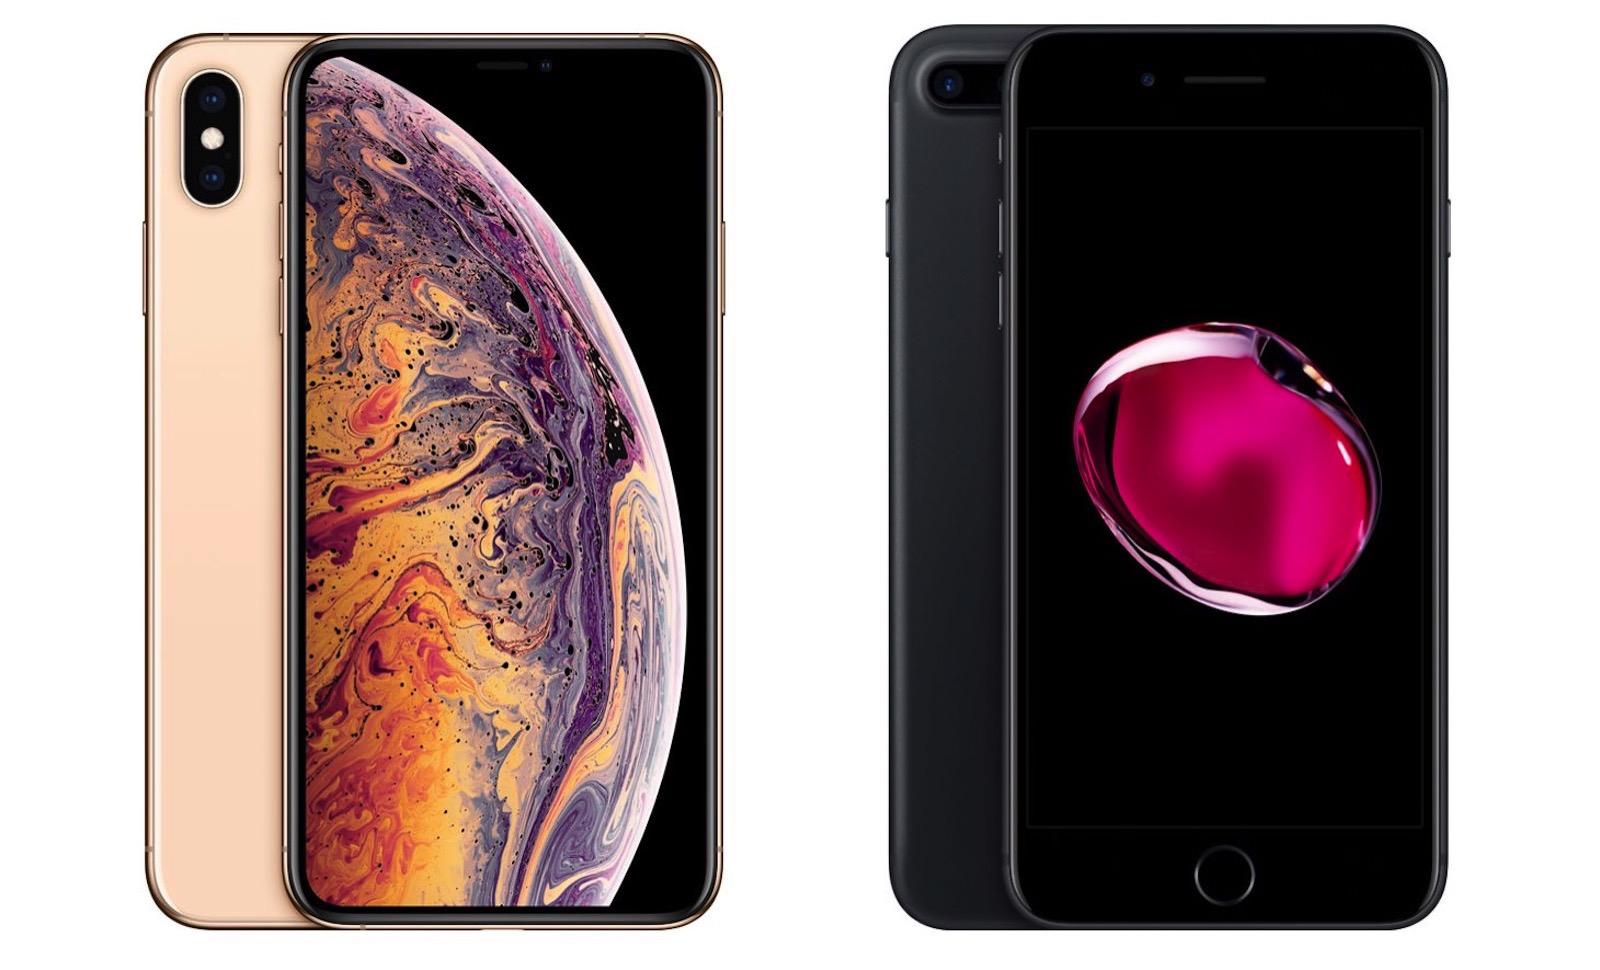 Iphone xs max vs 7 plus